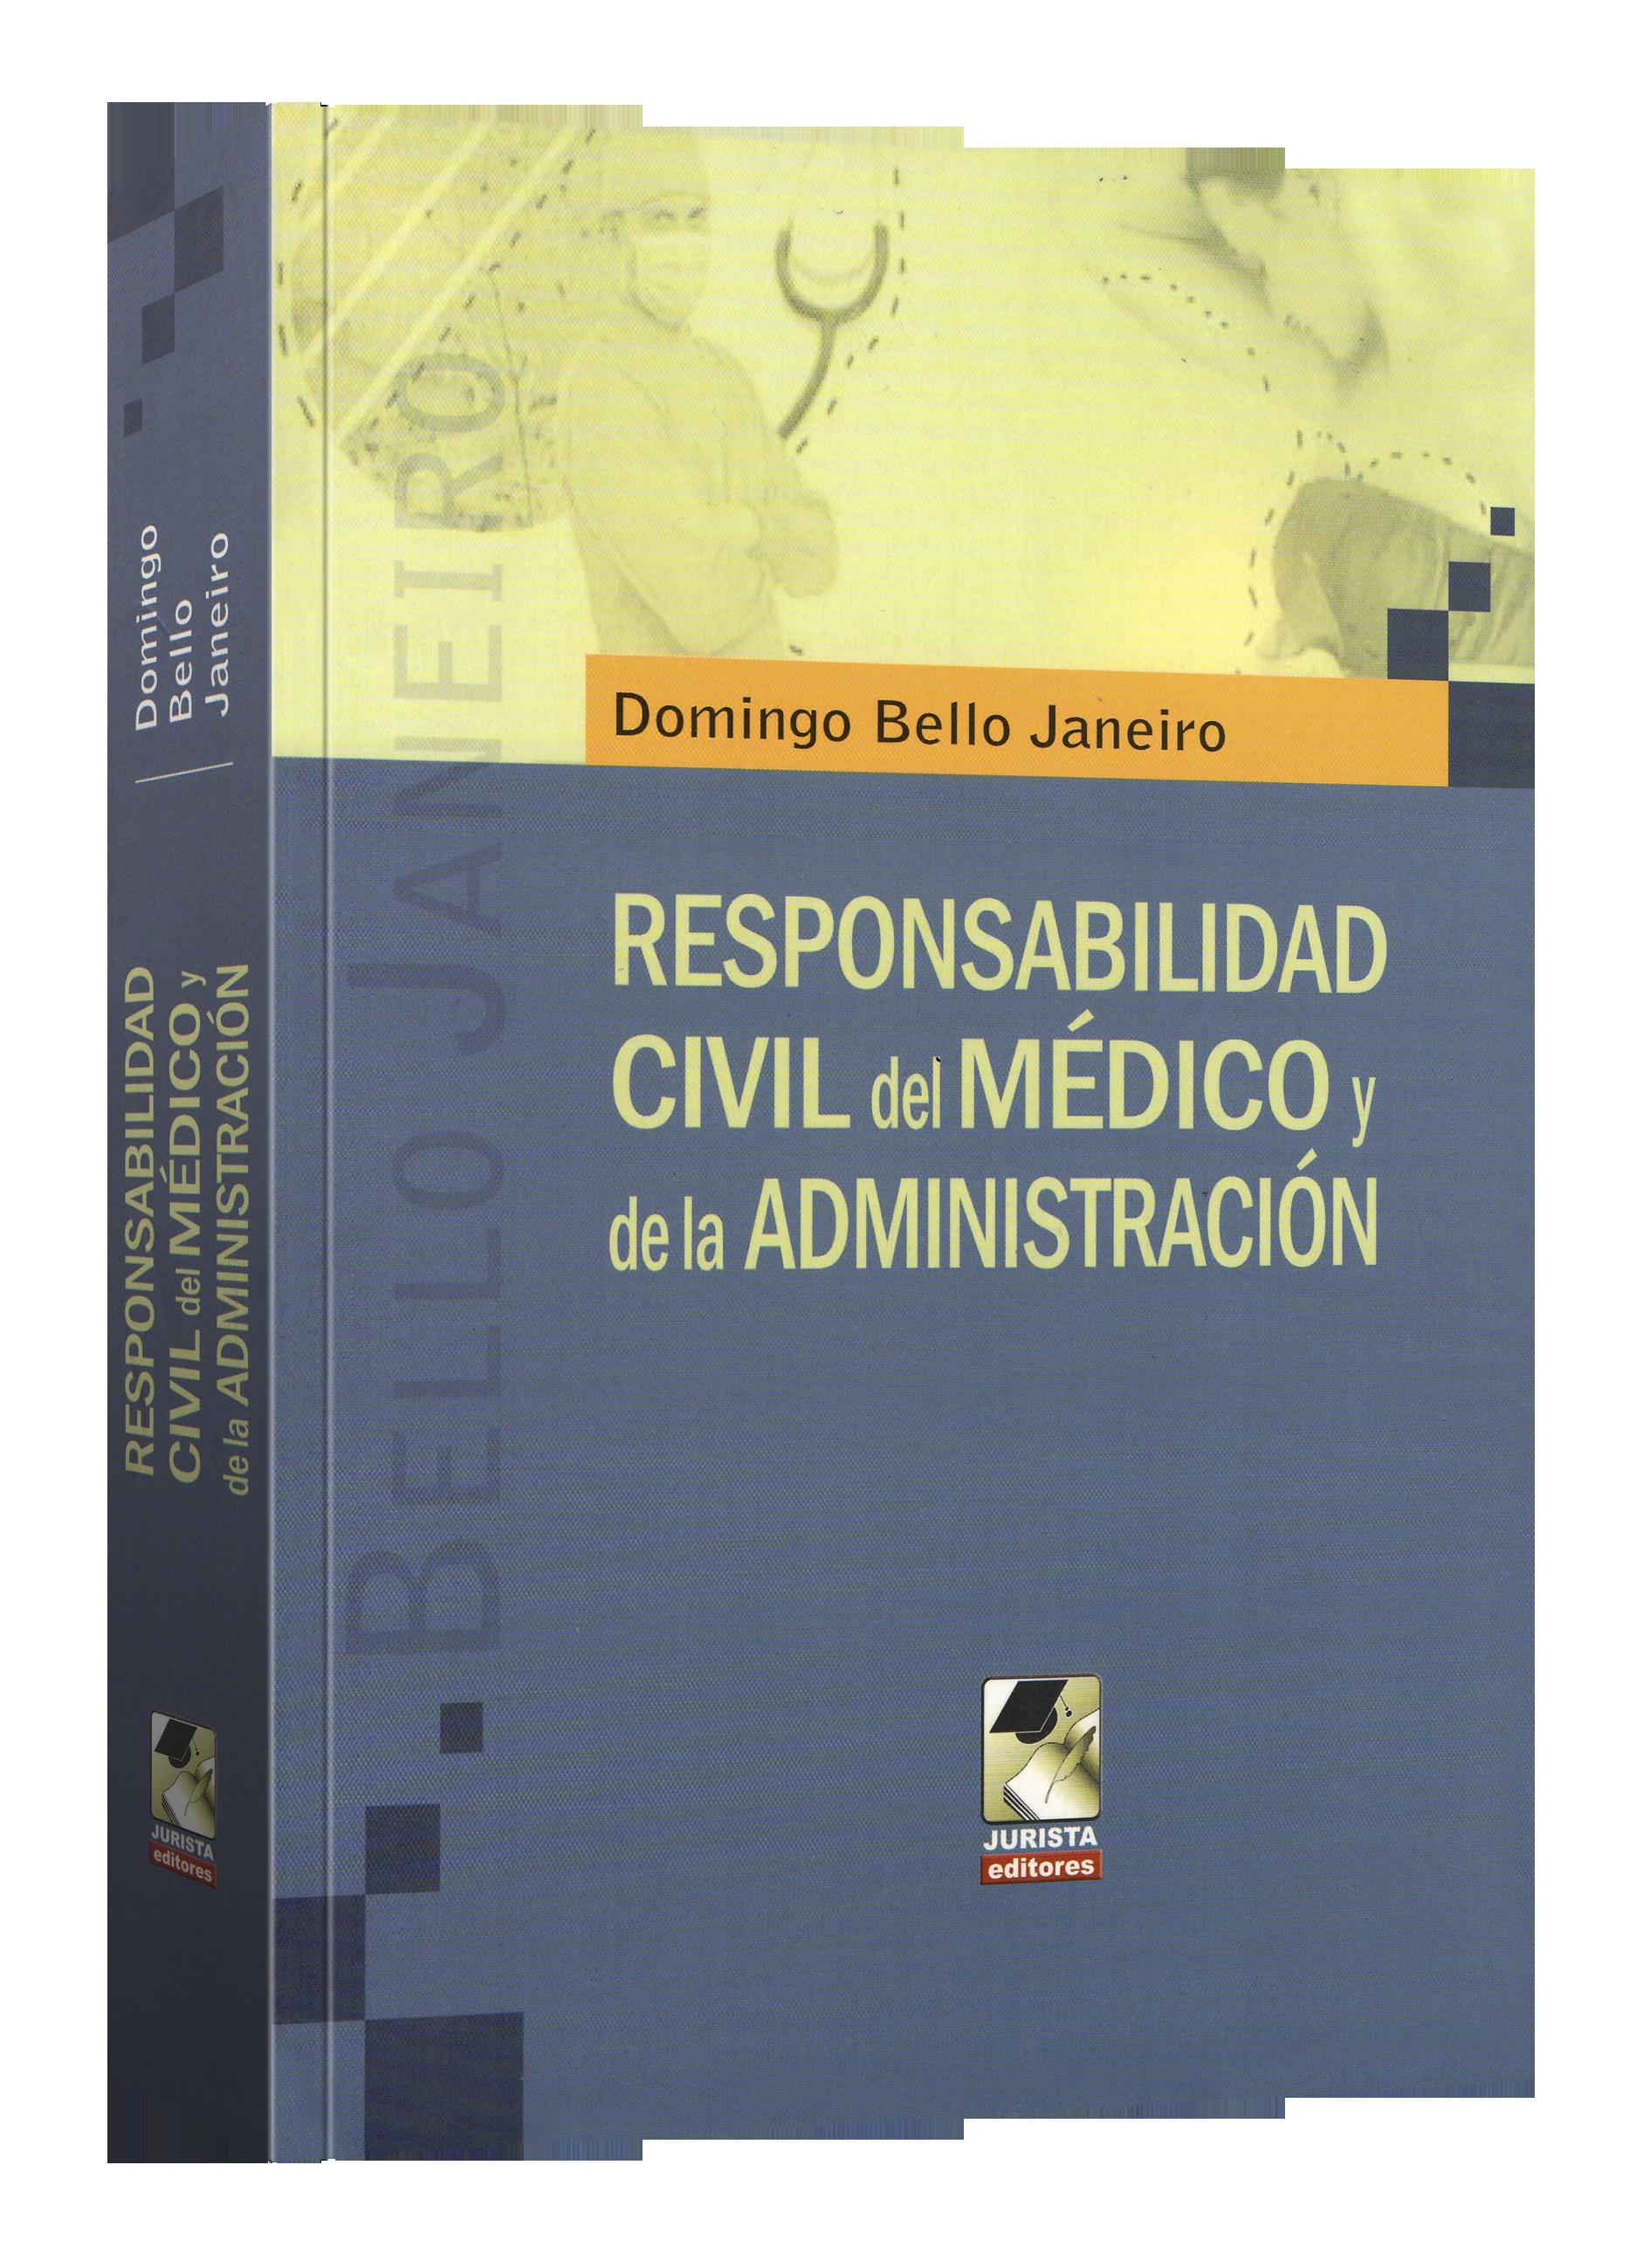 Responsabilidad Civil Del Medico De La Administración